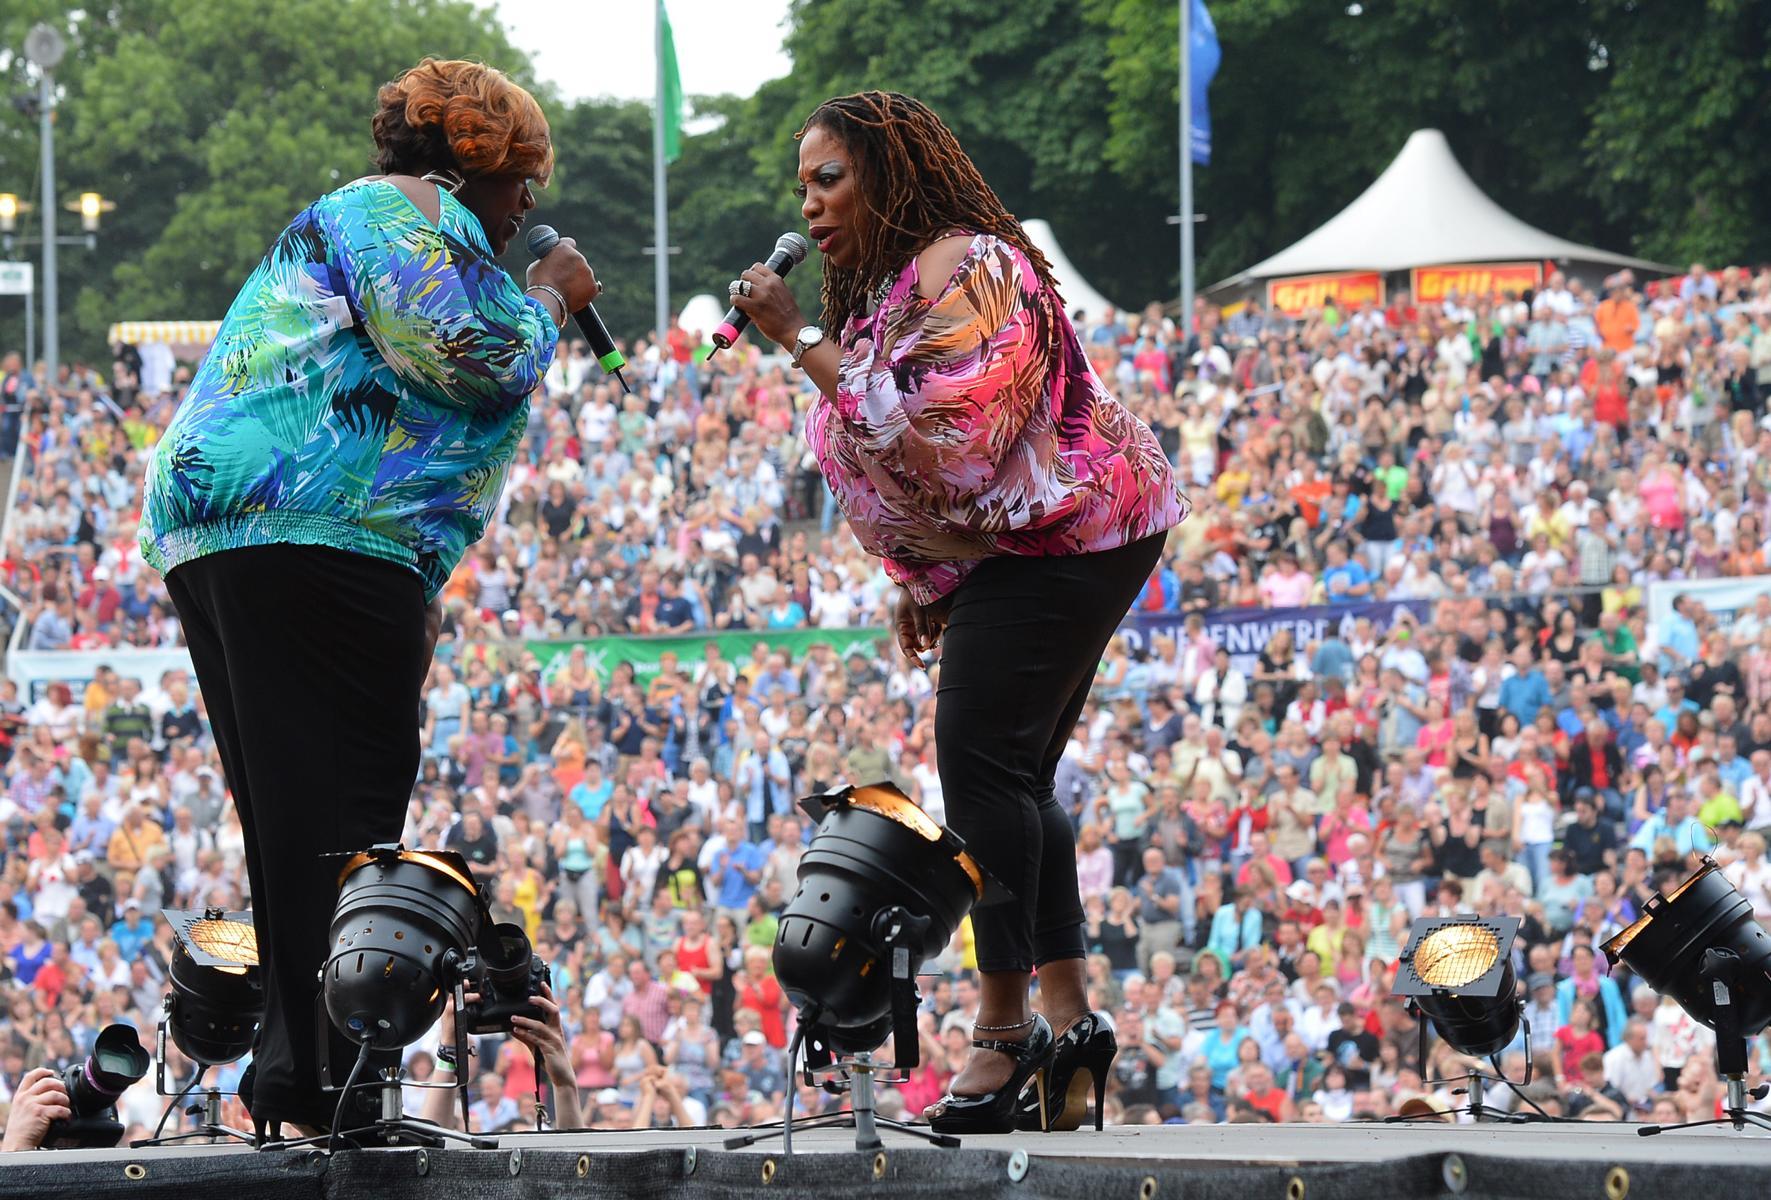 Eventfotografie: Bei Konzert auf der Bühne